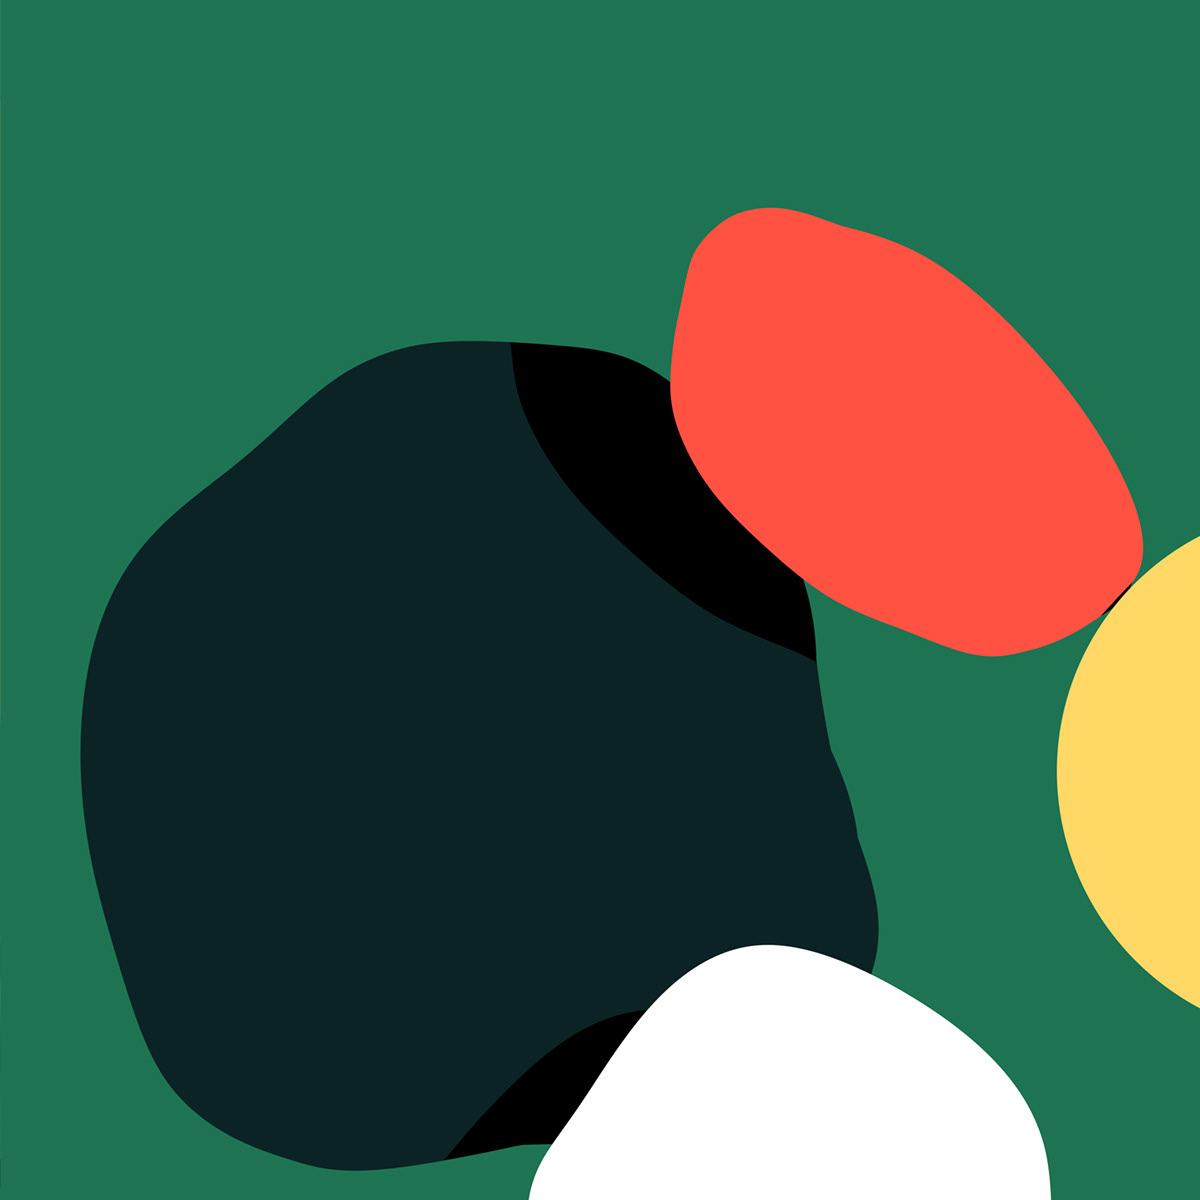 De nieuwe show van de minimalistische kunstenaar Pol Solà